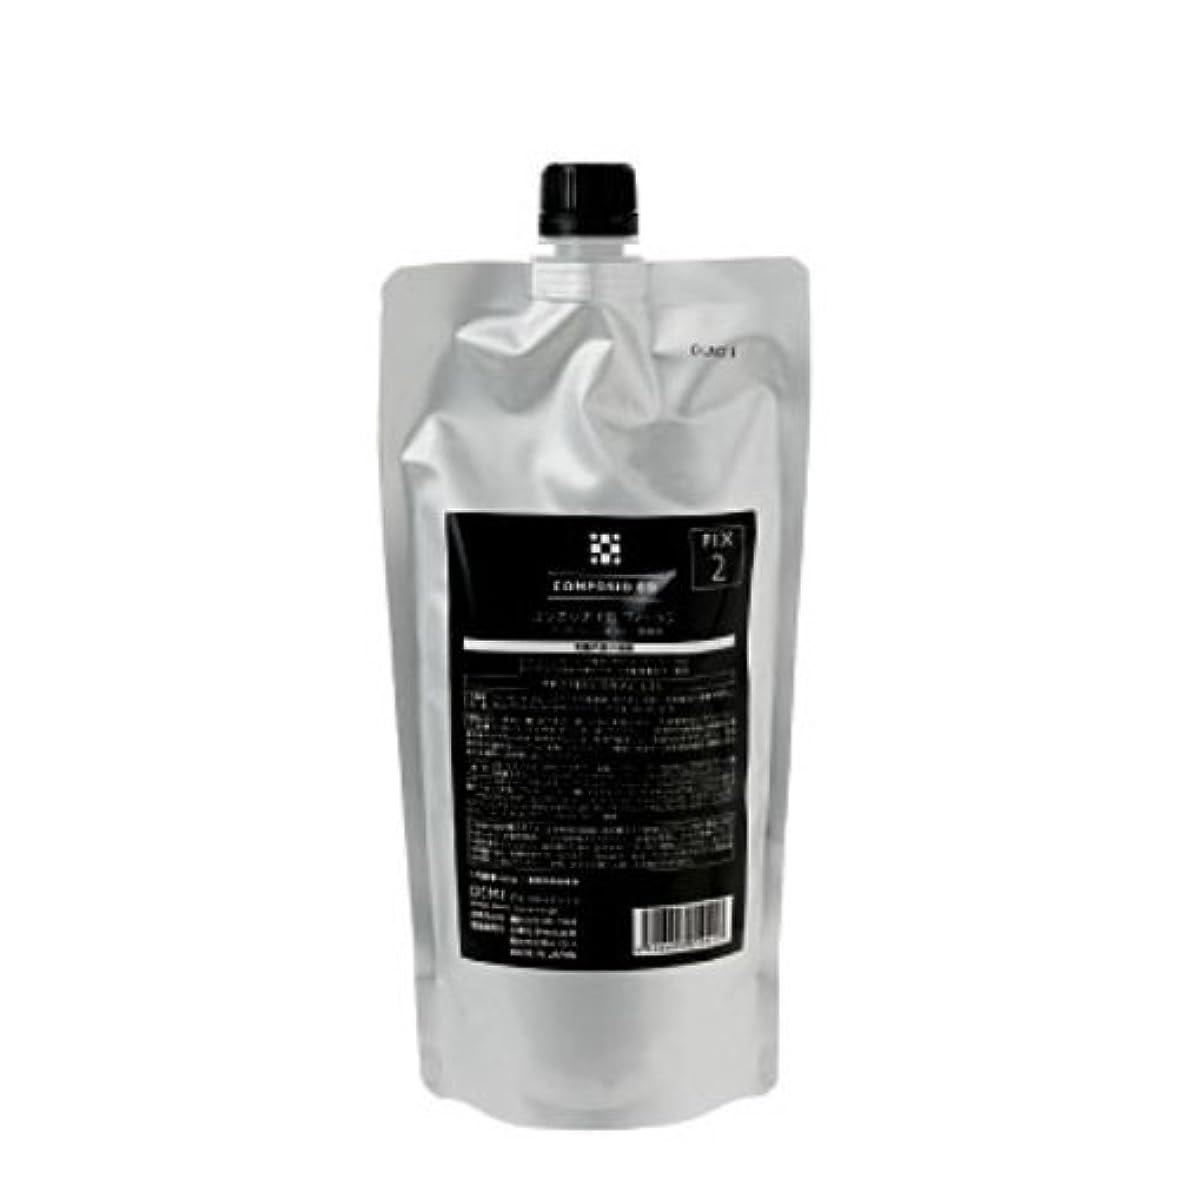 抑制汚いグローDEMI (デミ) コンポジオ EQ フィックス 450g レフィル